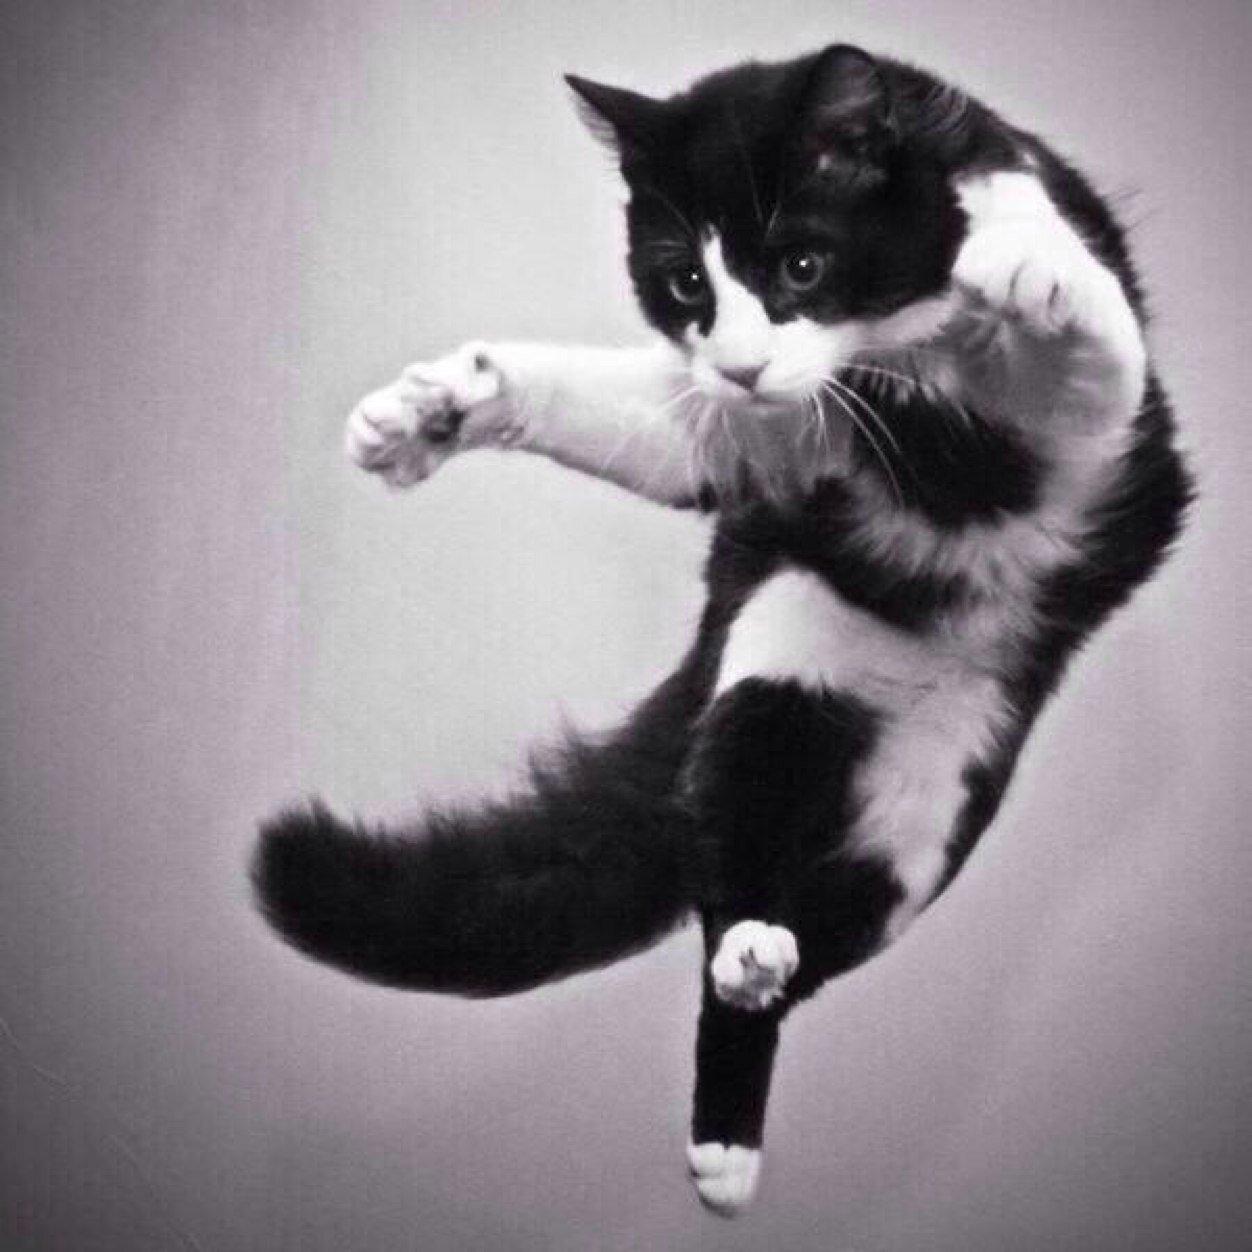 cat dance 1